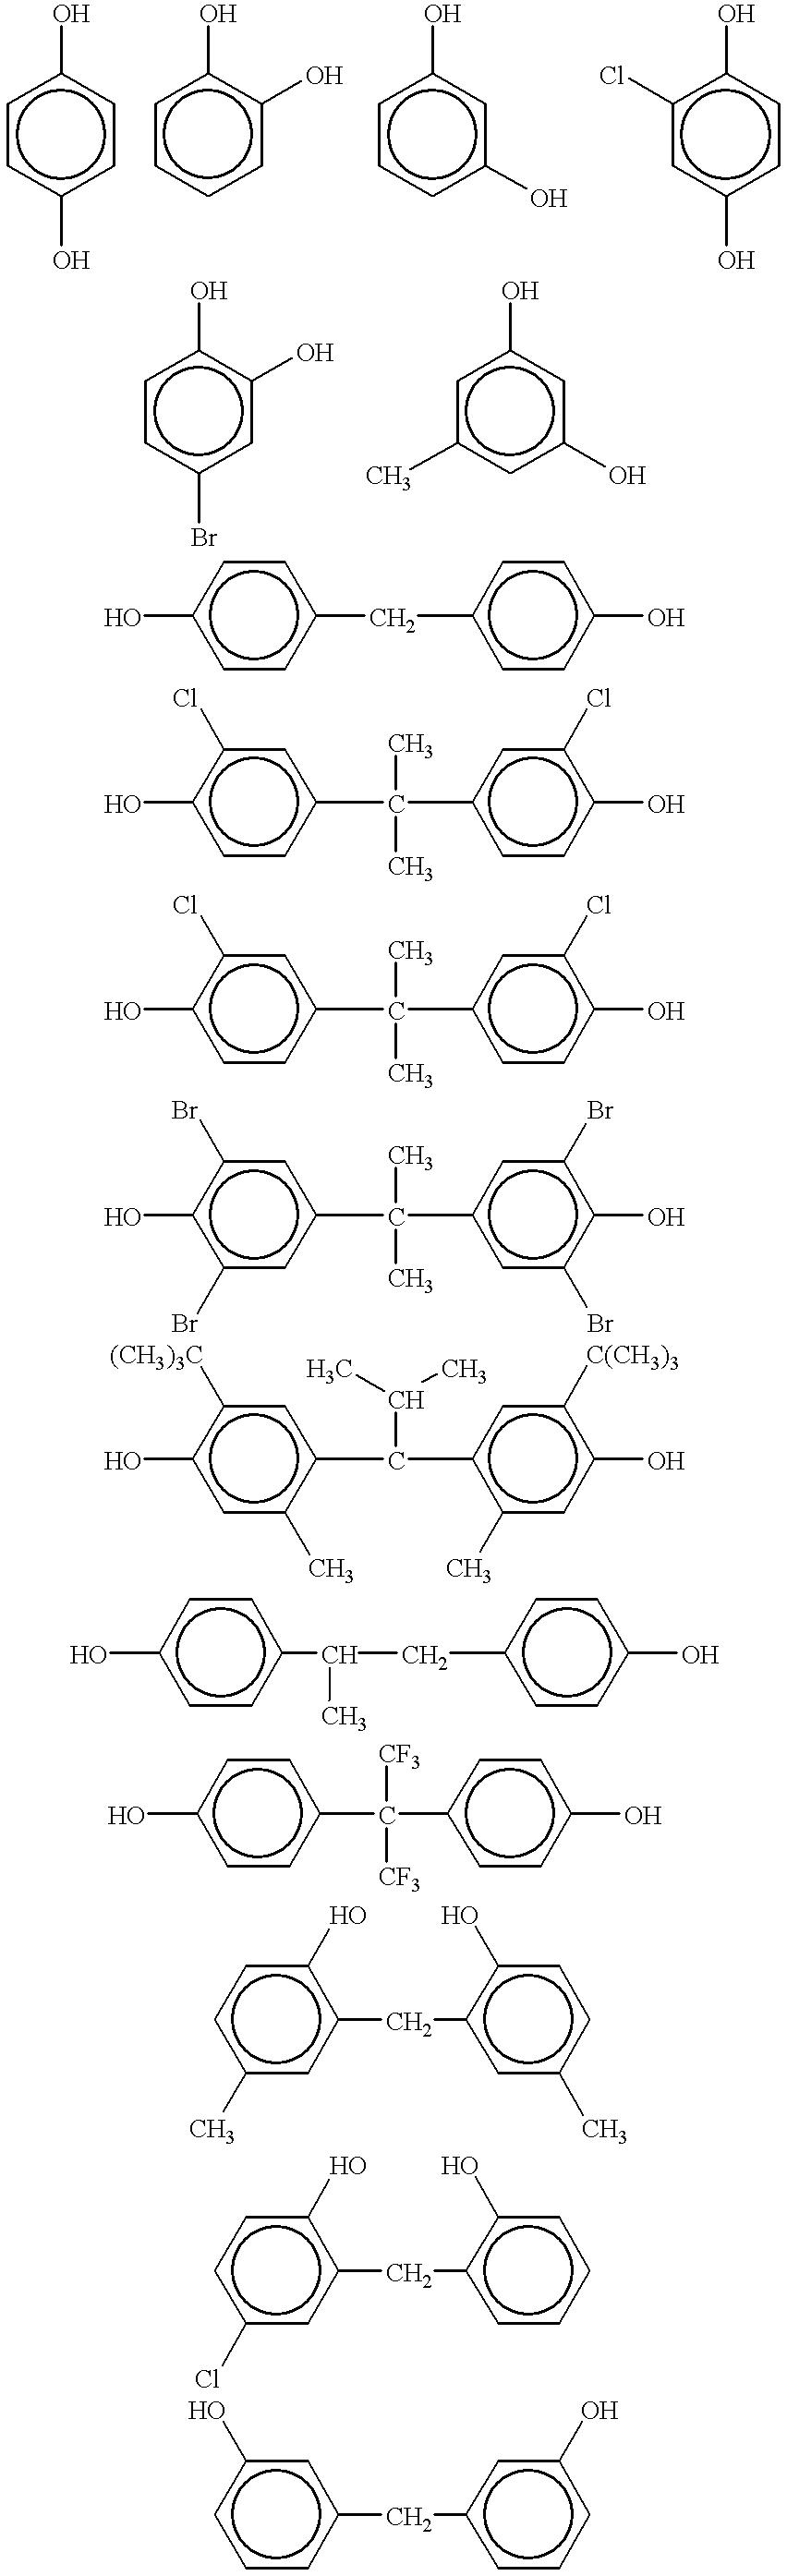 Figure US06251980-20010626-C00006